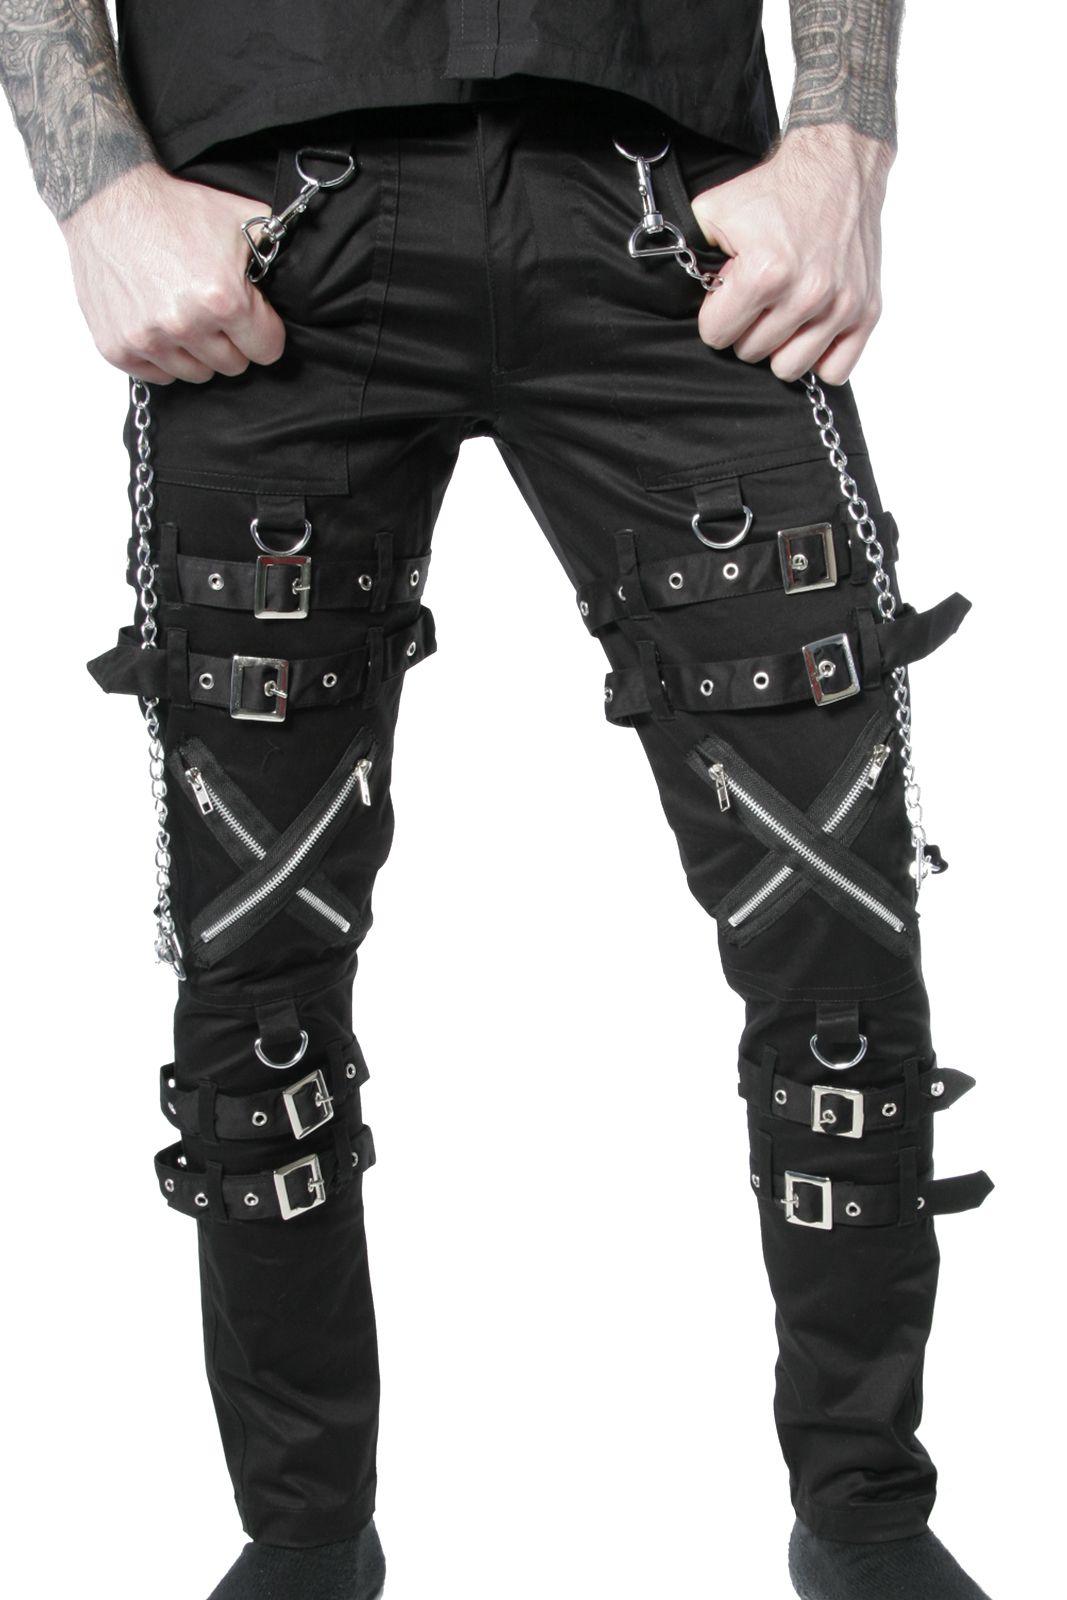 I Want These Pants Pantalones De Hombre Moda Ropa Punk Ropa De Hombre